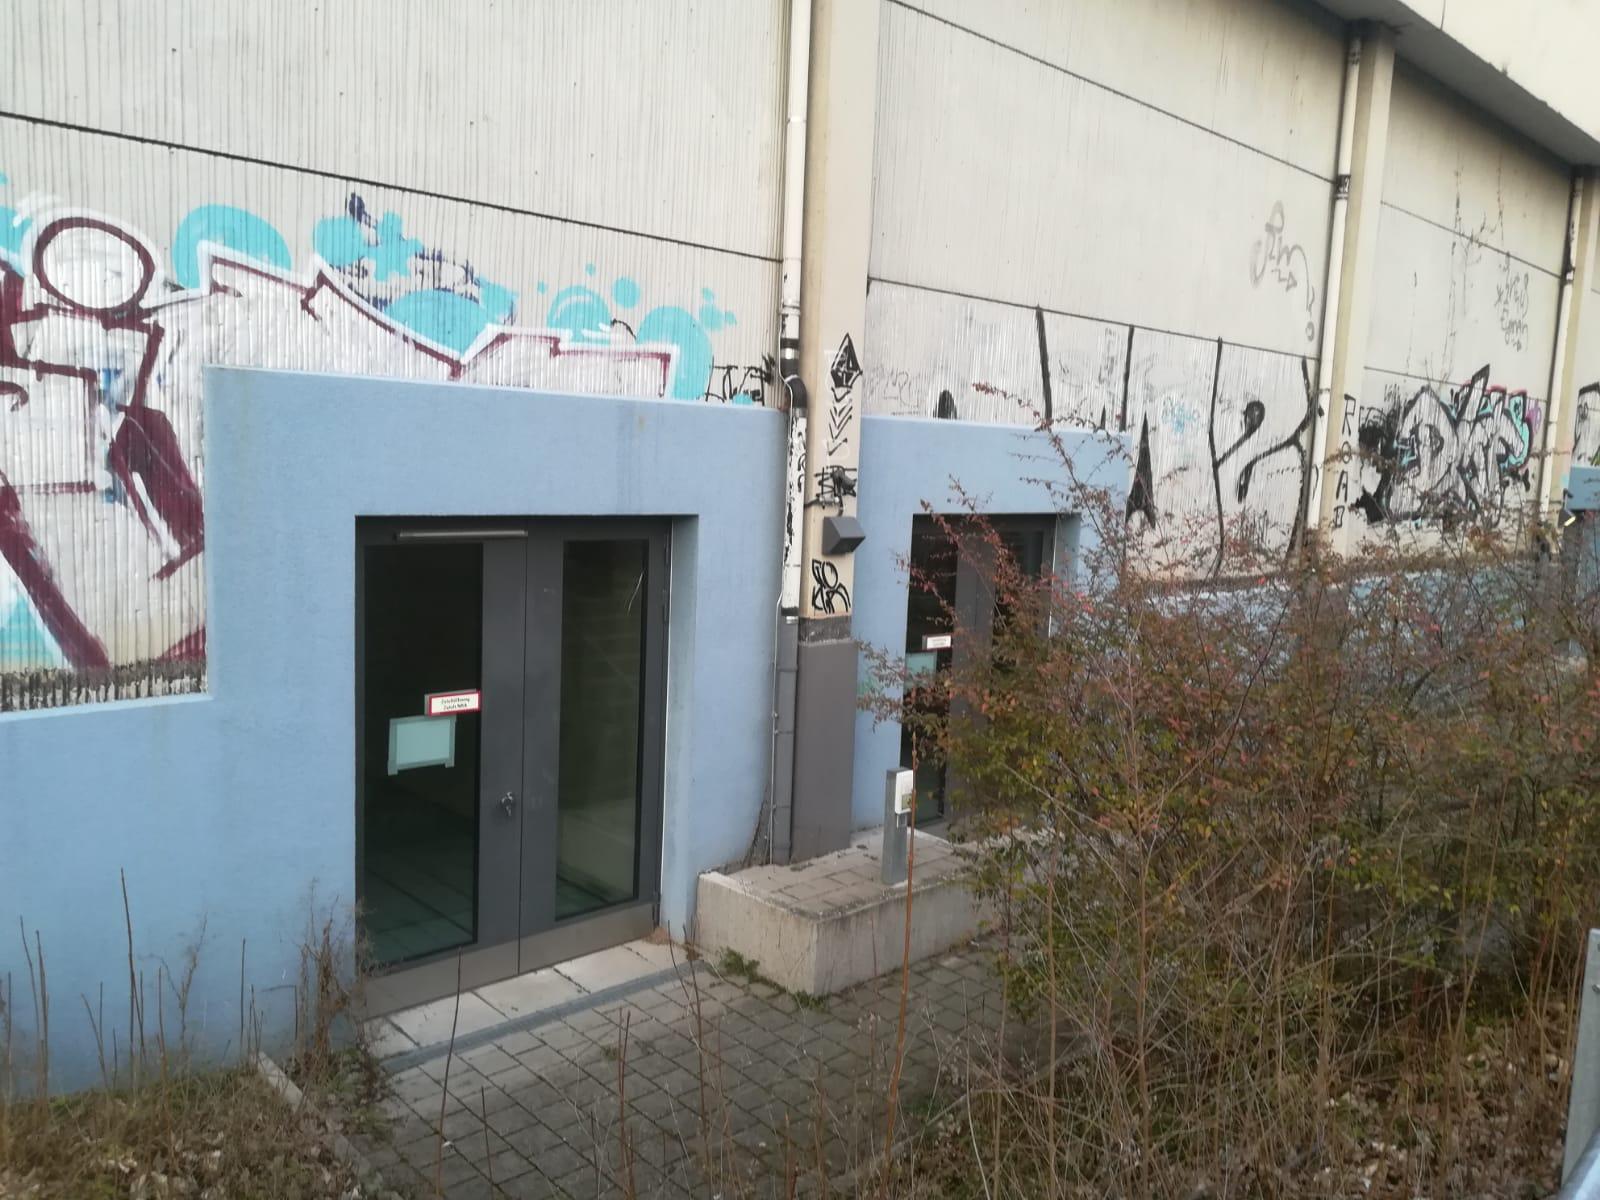 Fluchttüren an der Südseite der Pestalozzihalle. Hier besteht erhebliches sicherheitstechnisches Verbesserungspotential